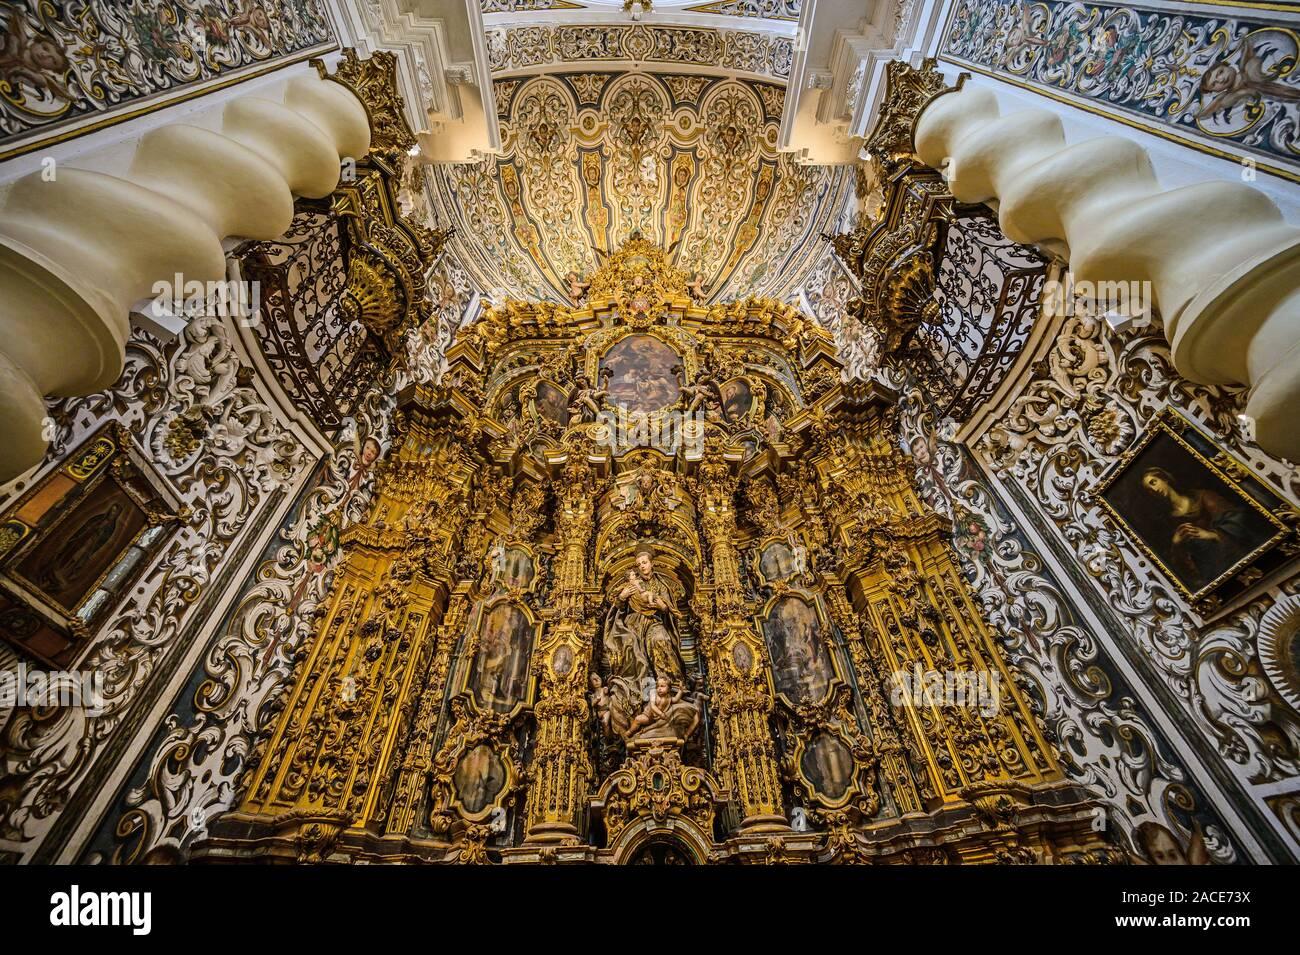 Reich verzierte VERÄNDERN IM 18. JAHRHUNDERT IGLESIA DE SAN LUIS DE LOS FRANCESES, Sevilla, Spanien Stockfoto